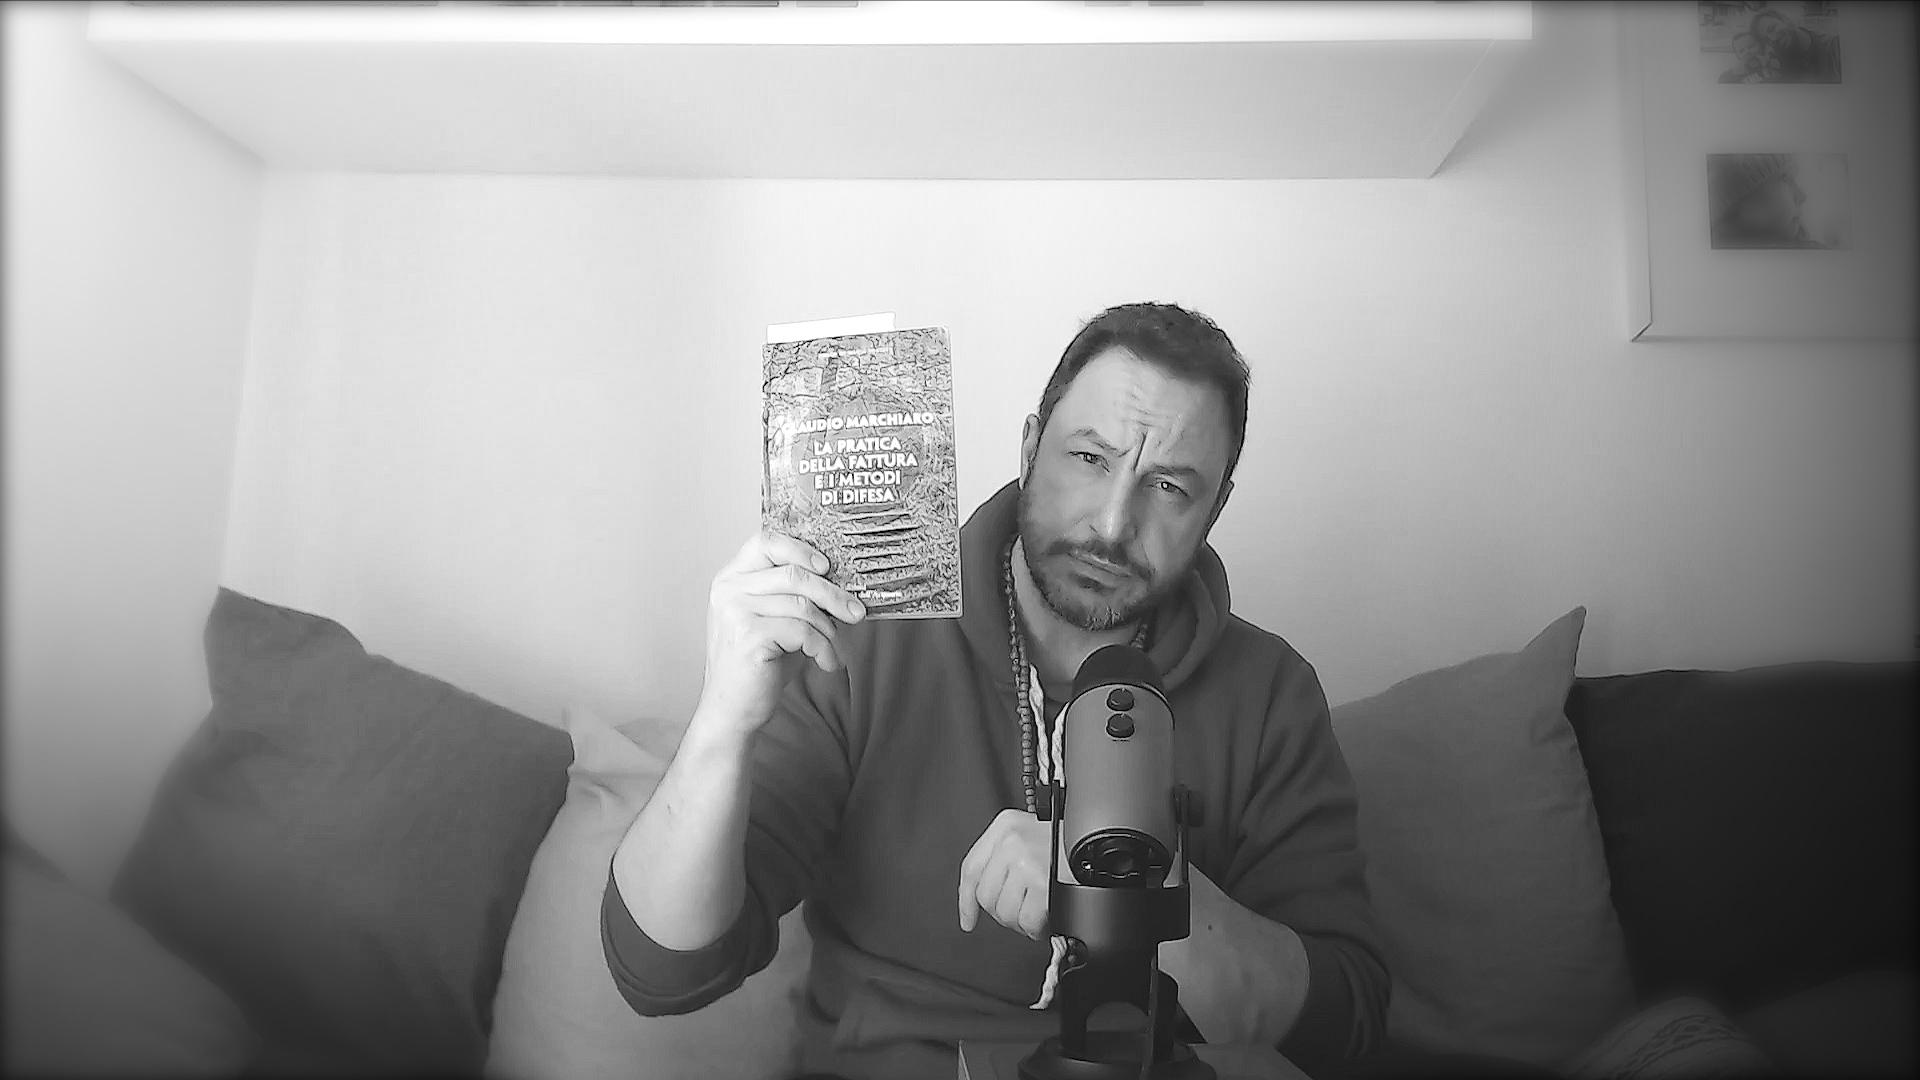 La pratica della fattura e i metodi di difesa di Claudio Marchiaro